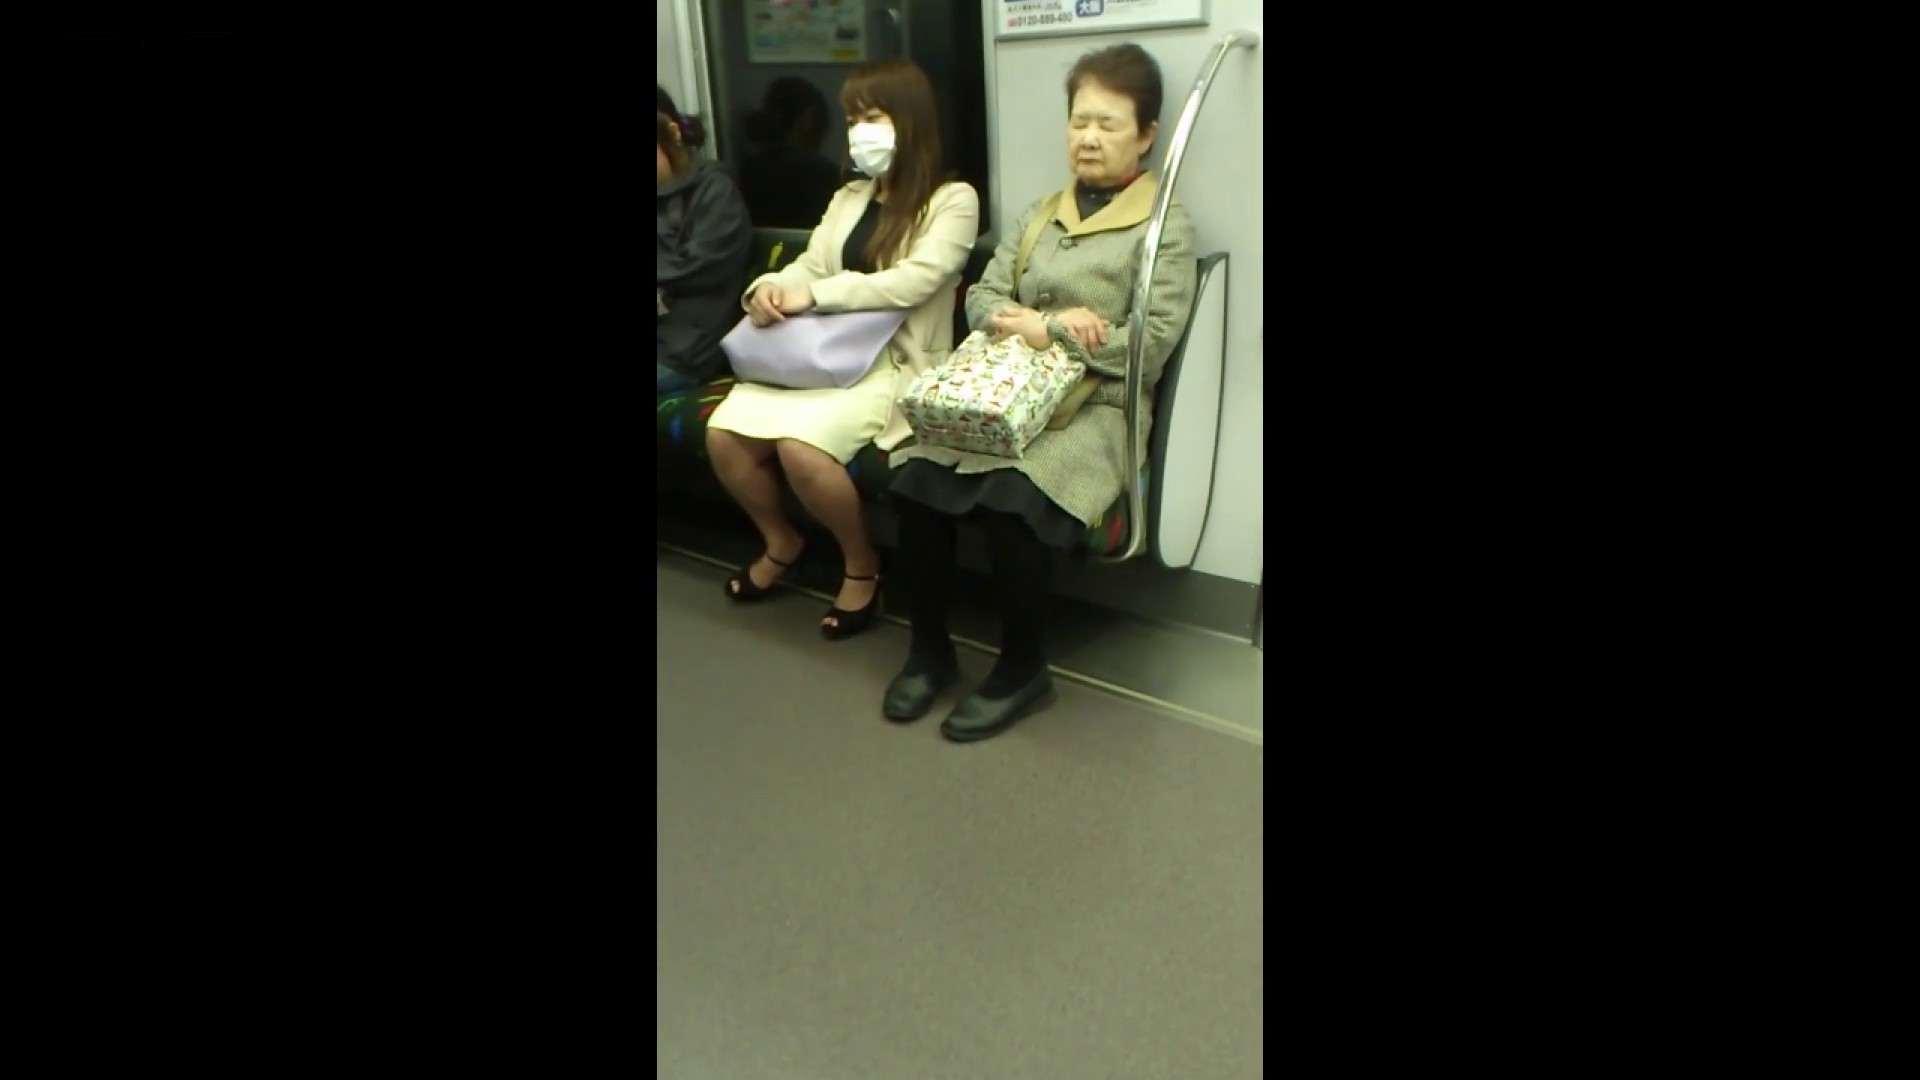 盗撮列車 Vol.55 黄色の爽やかなスカートが大好きです。 盗撮エロすぎ | OL  38連発 33